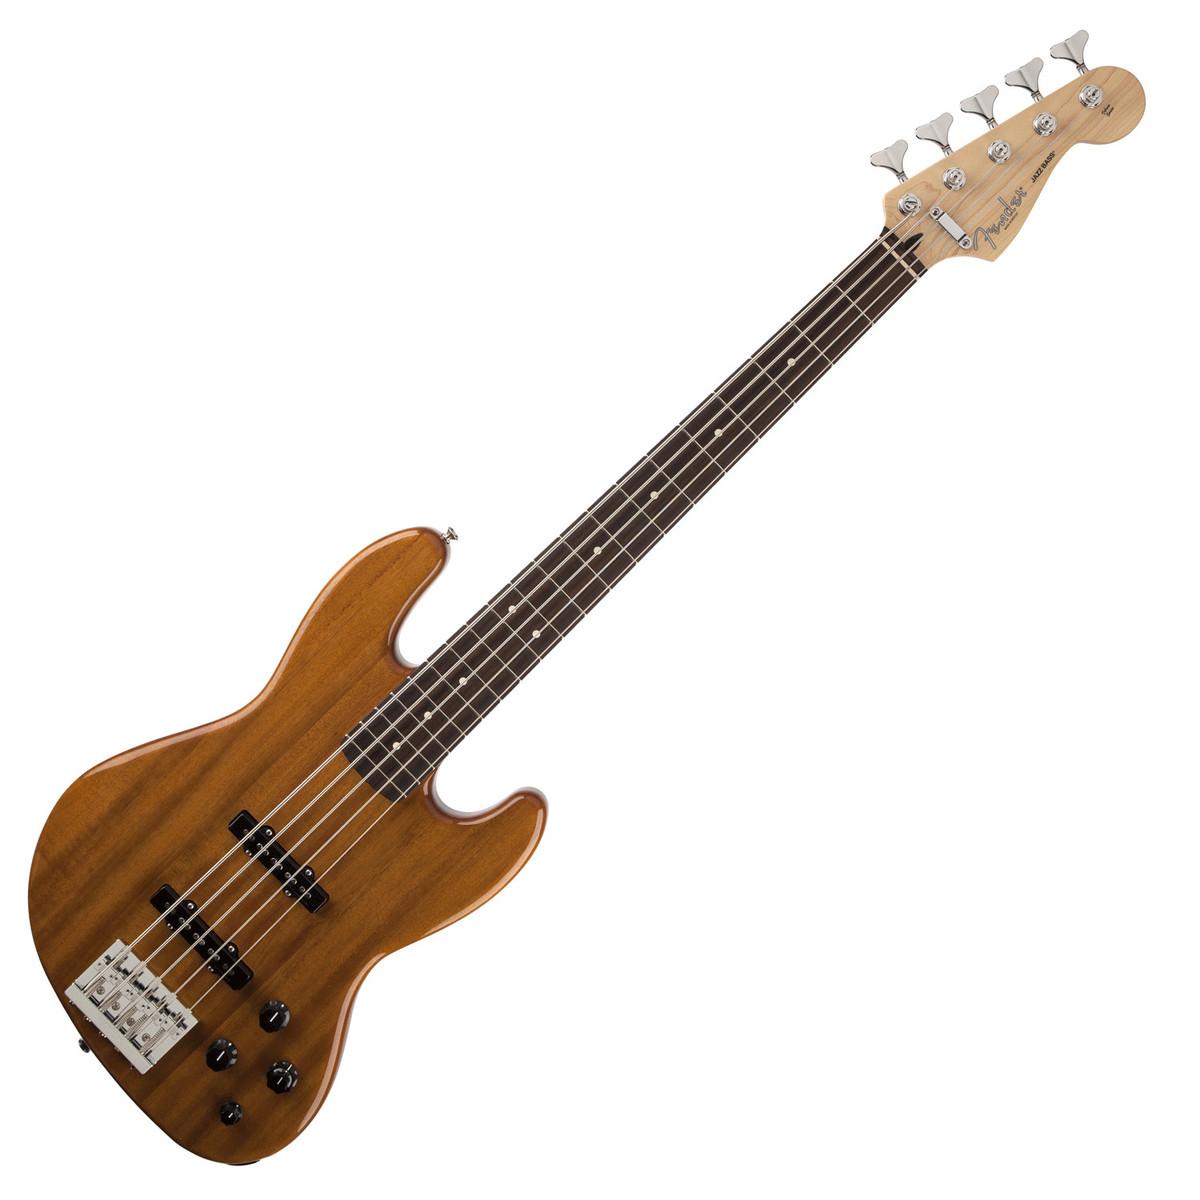 fender deluxe active jazz bass v 5 string bass guitar okume natural at. Black Bedroom Furniture Sets. Home Design Ideas